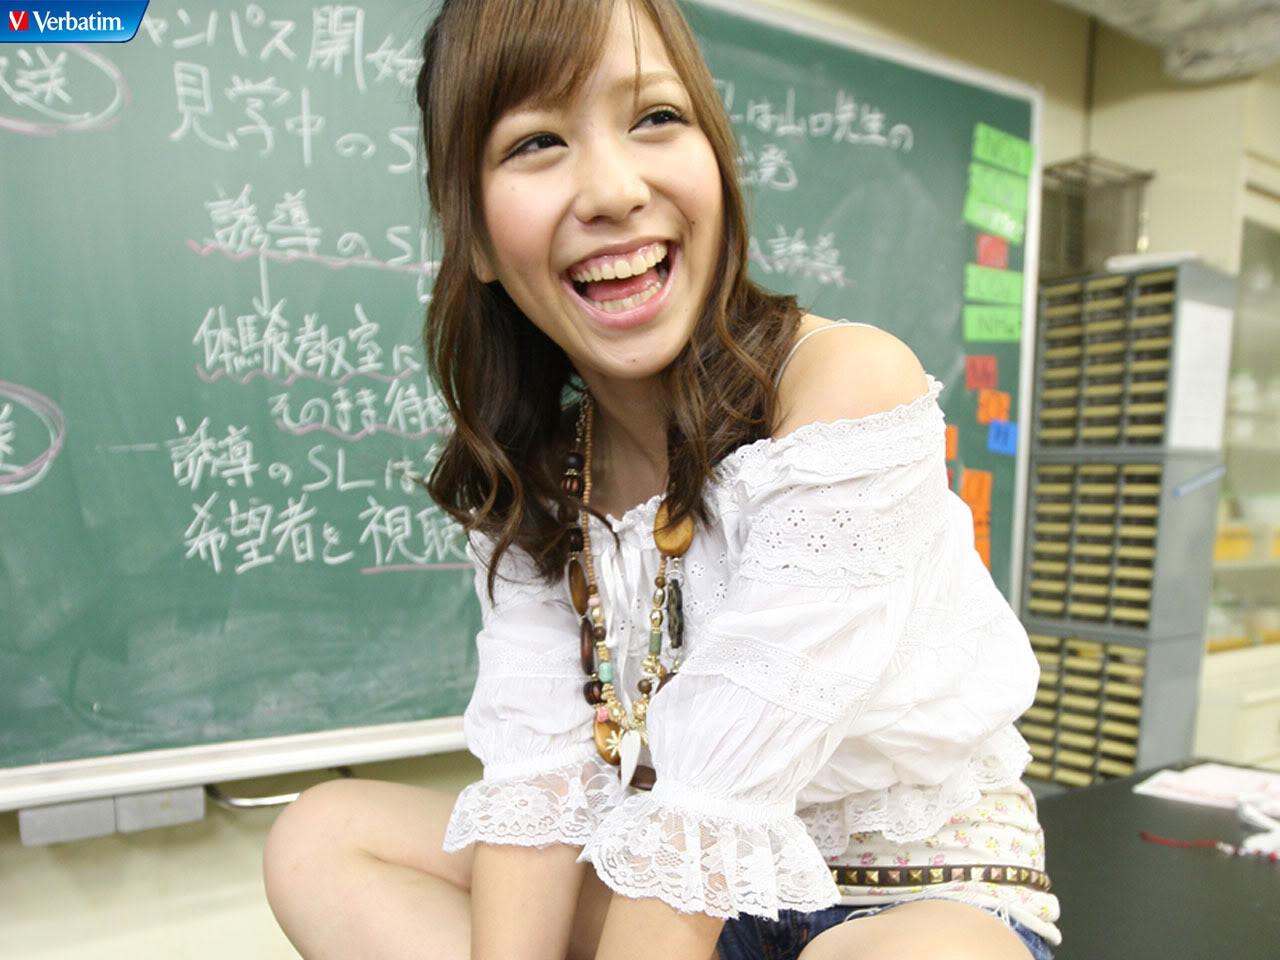 AKB48 河西智美 セクシー 笑顔 口開け 舌 ぶっかけ用 肩出し 高画質 エロかわいい画像